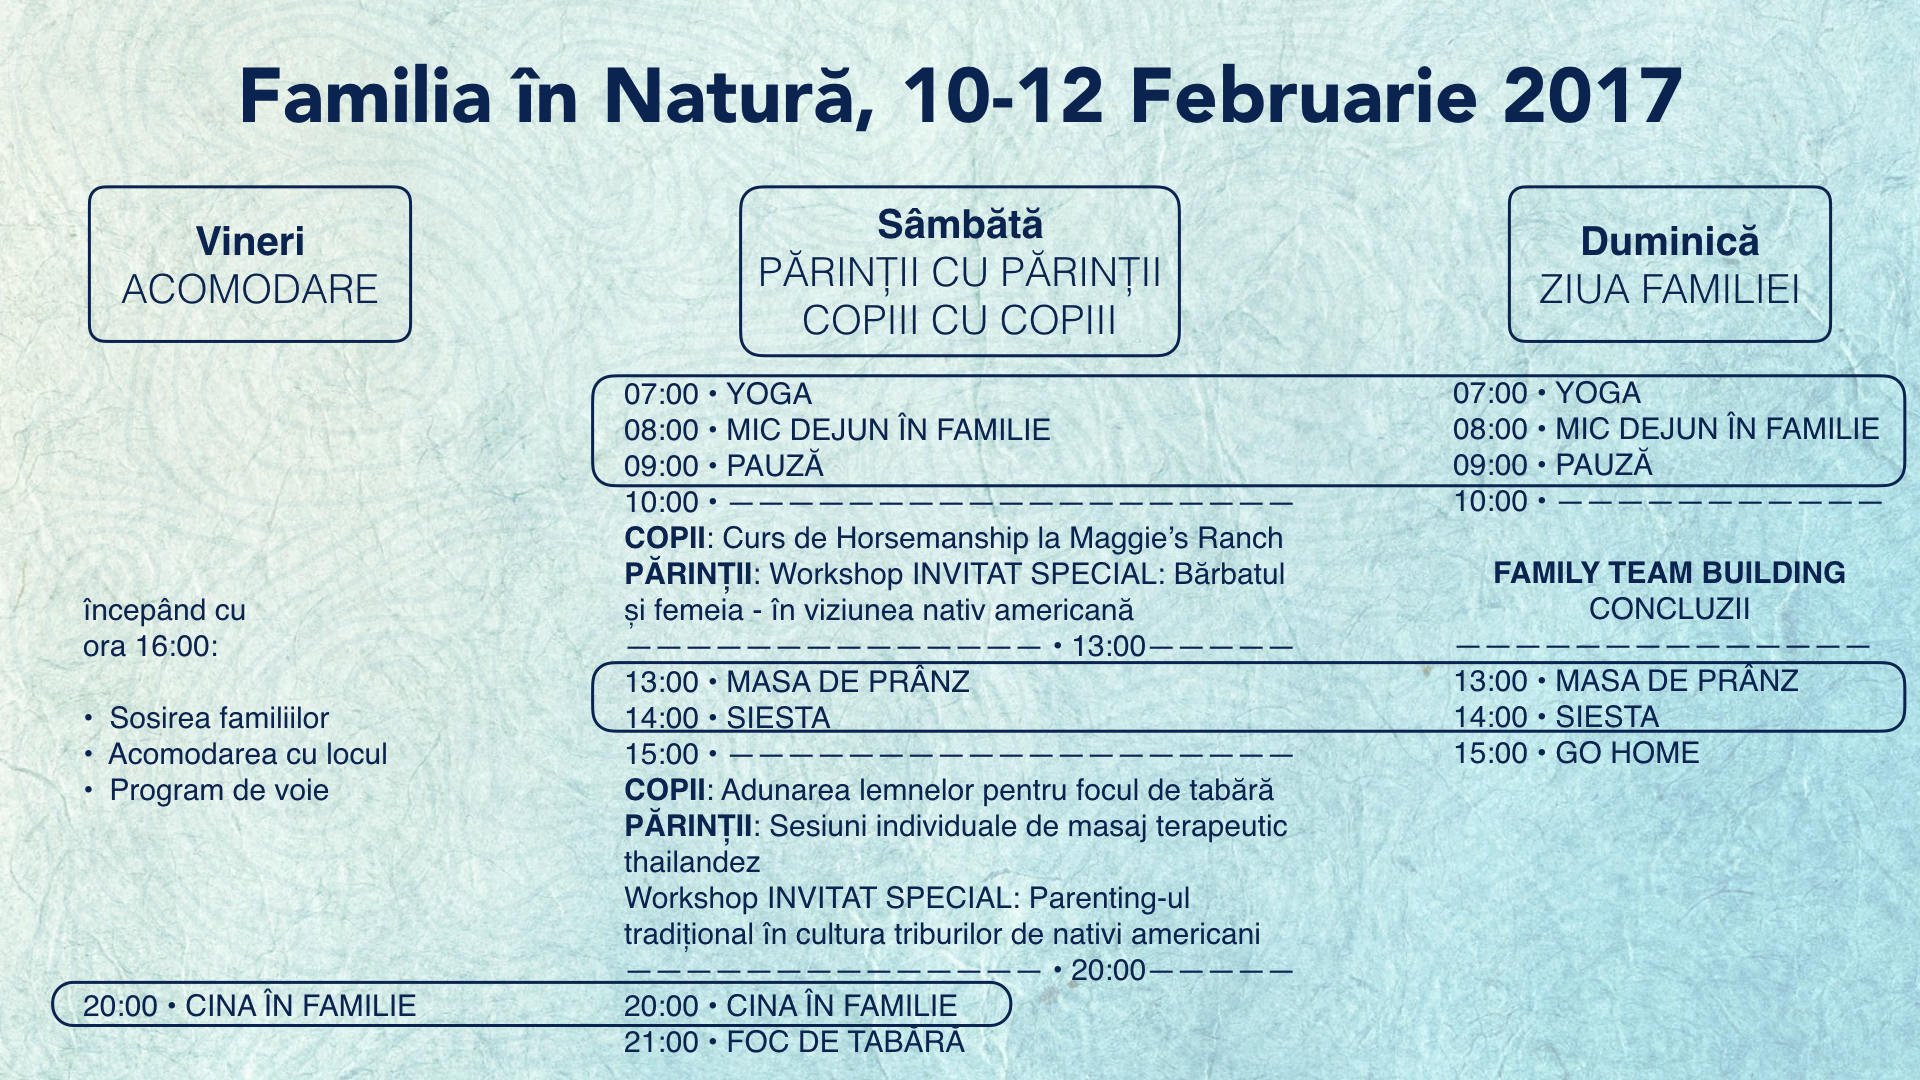 Familia în Natură - Program